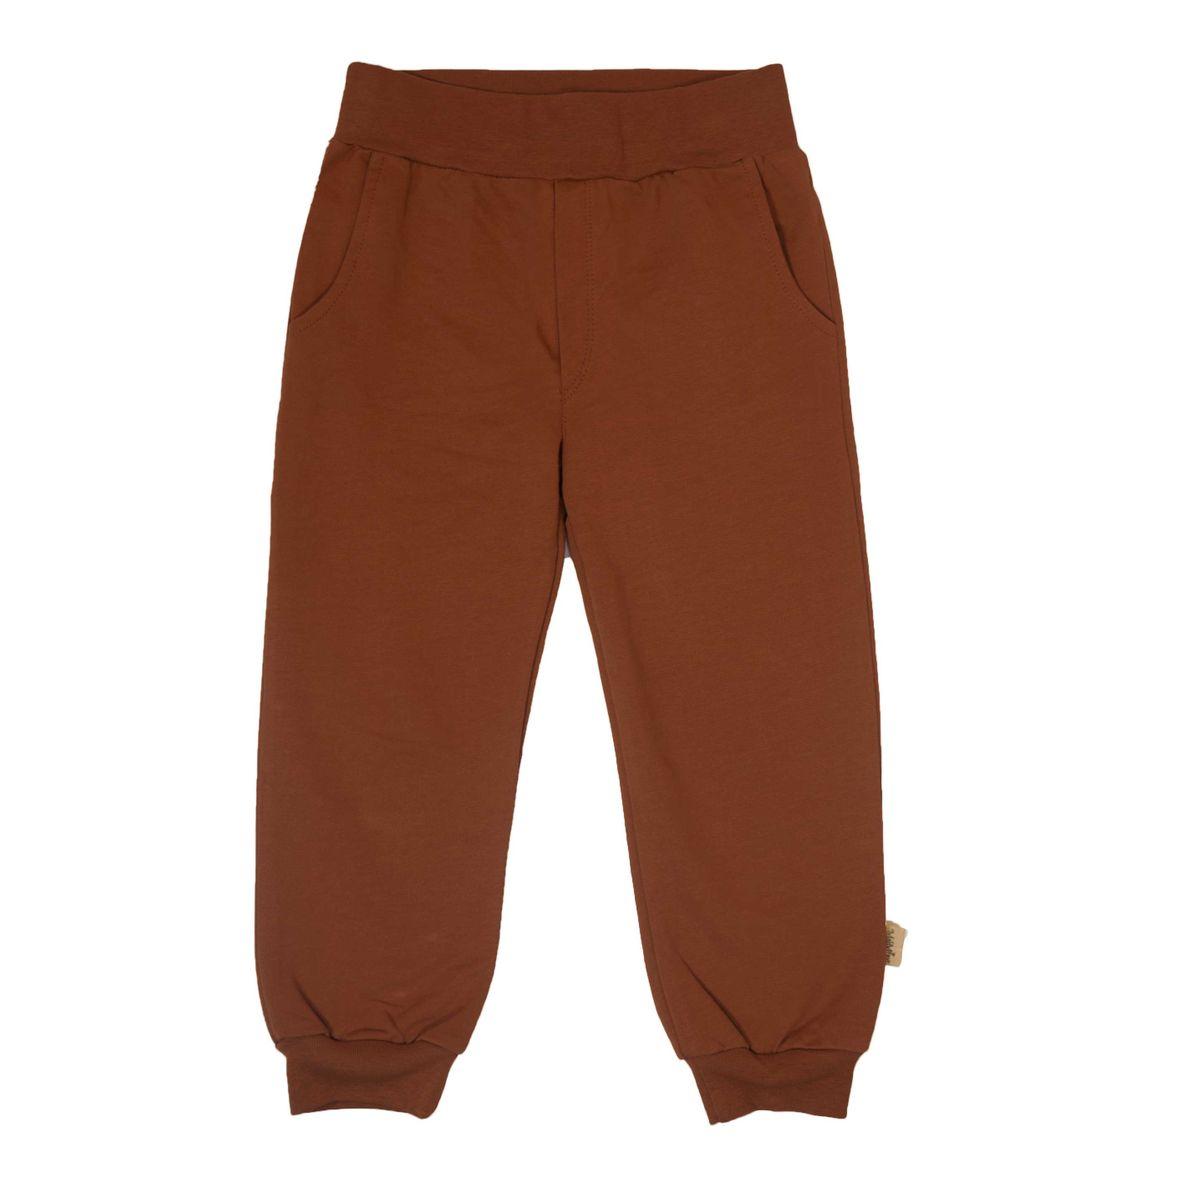 Brun bukse Memini